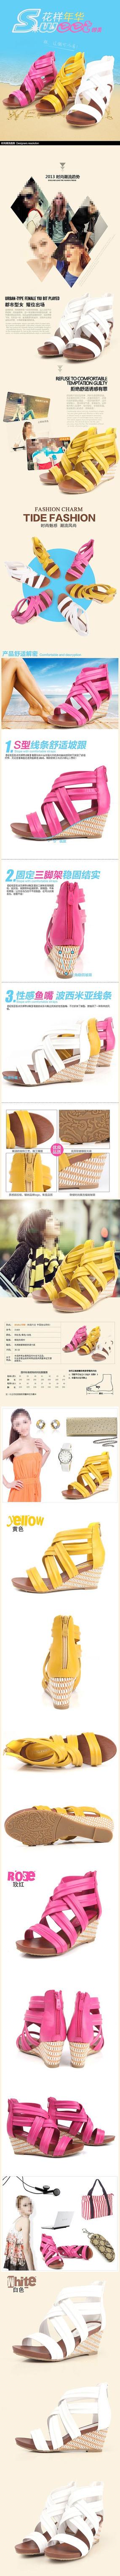 淘宝凉鞋详情页女鞋细节描述PSD模板